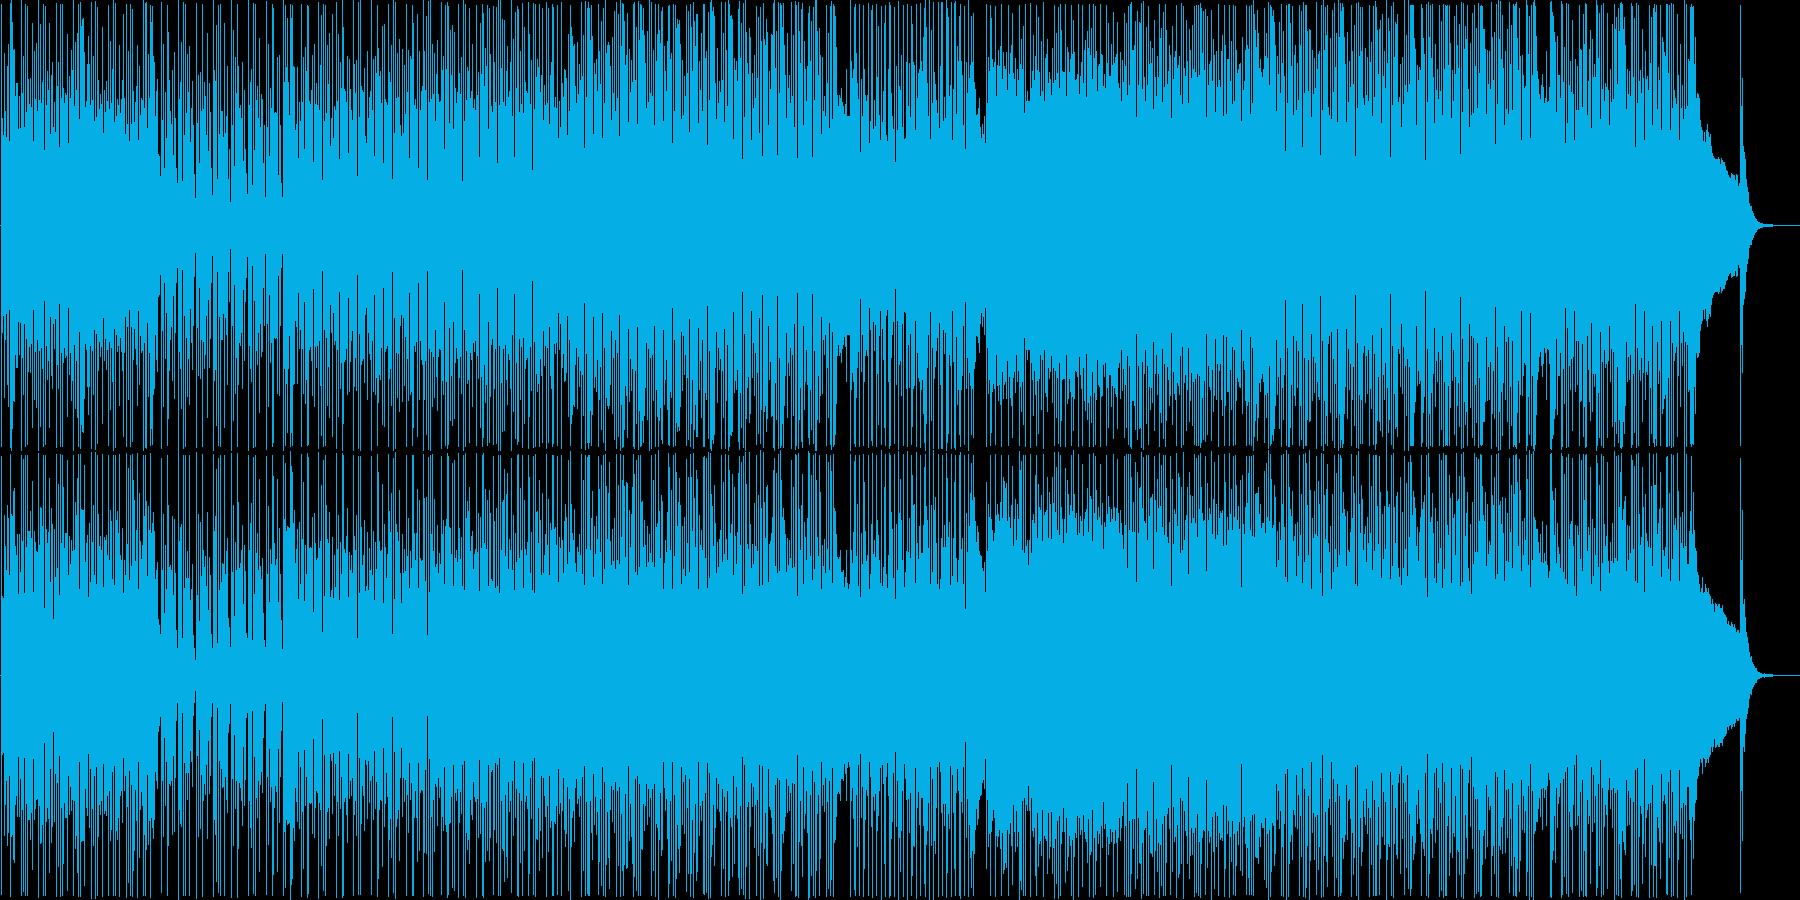 オシャレで軽快なシティポップ Vo 無の再生済みの波形